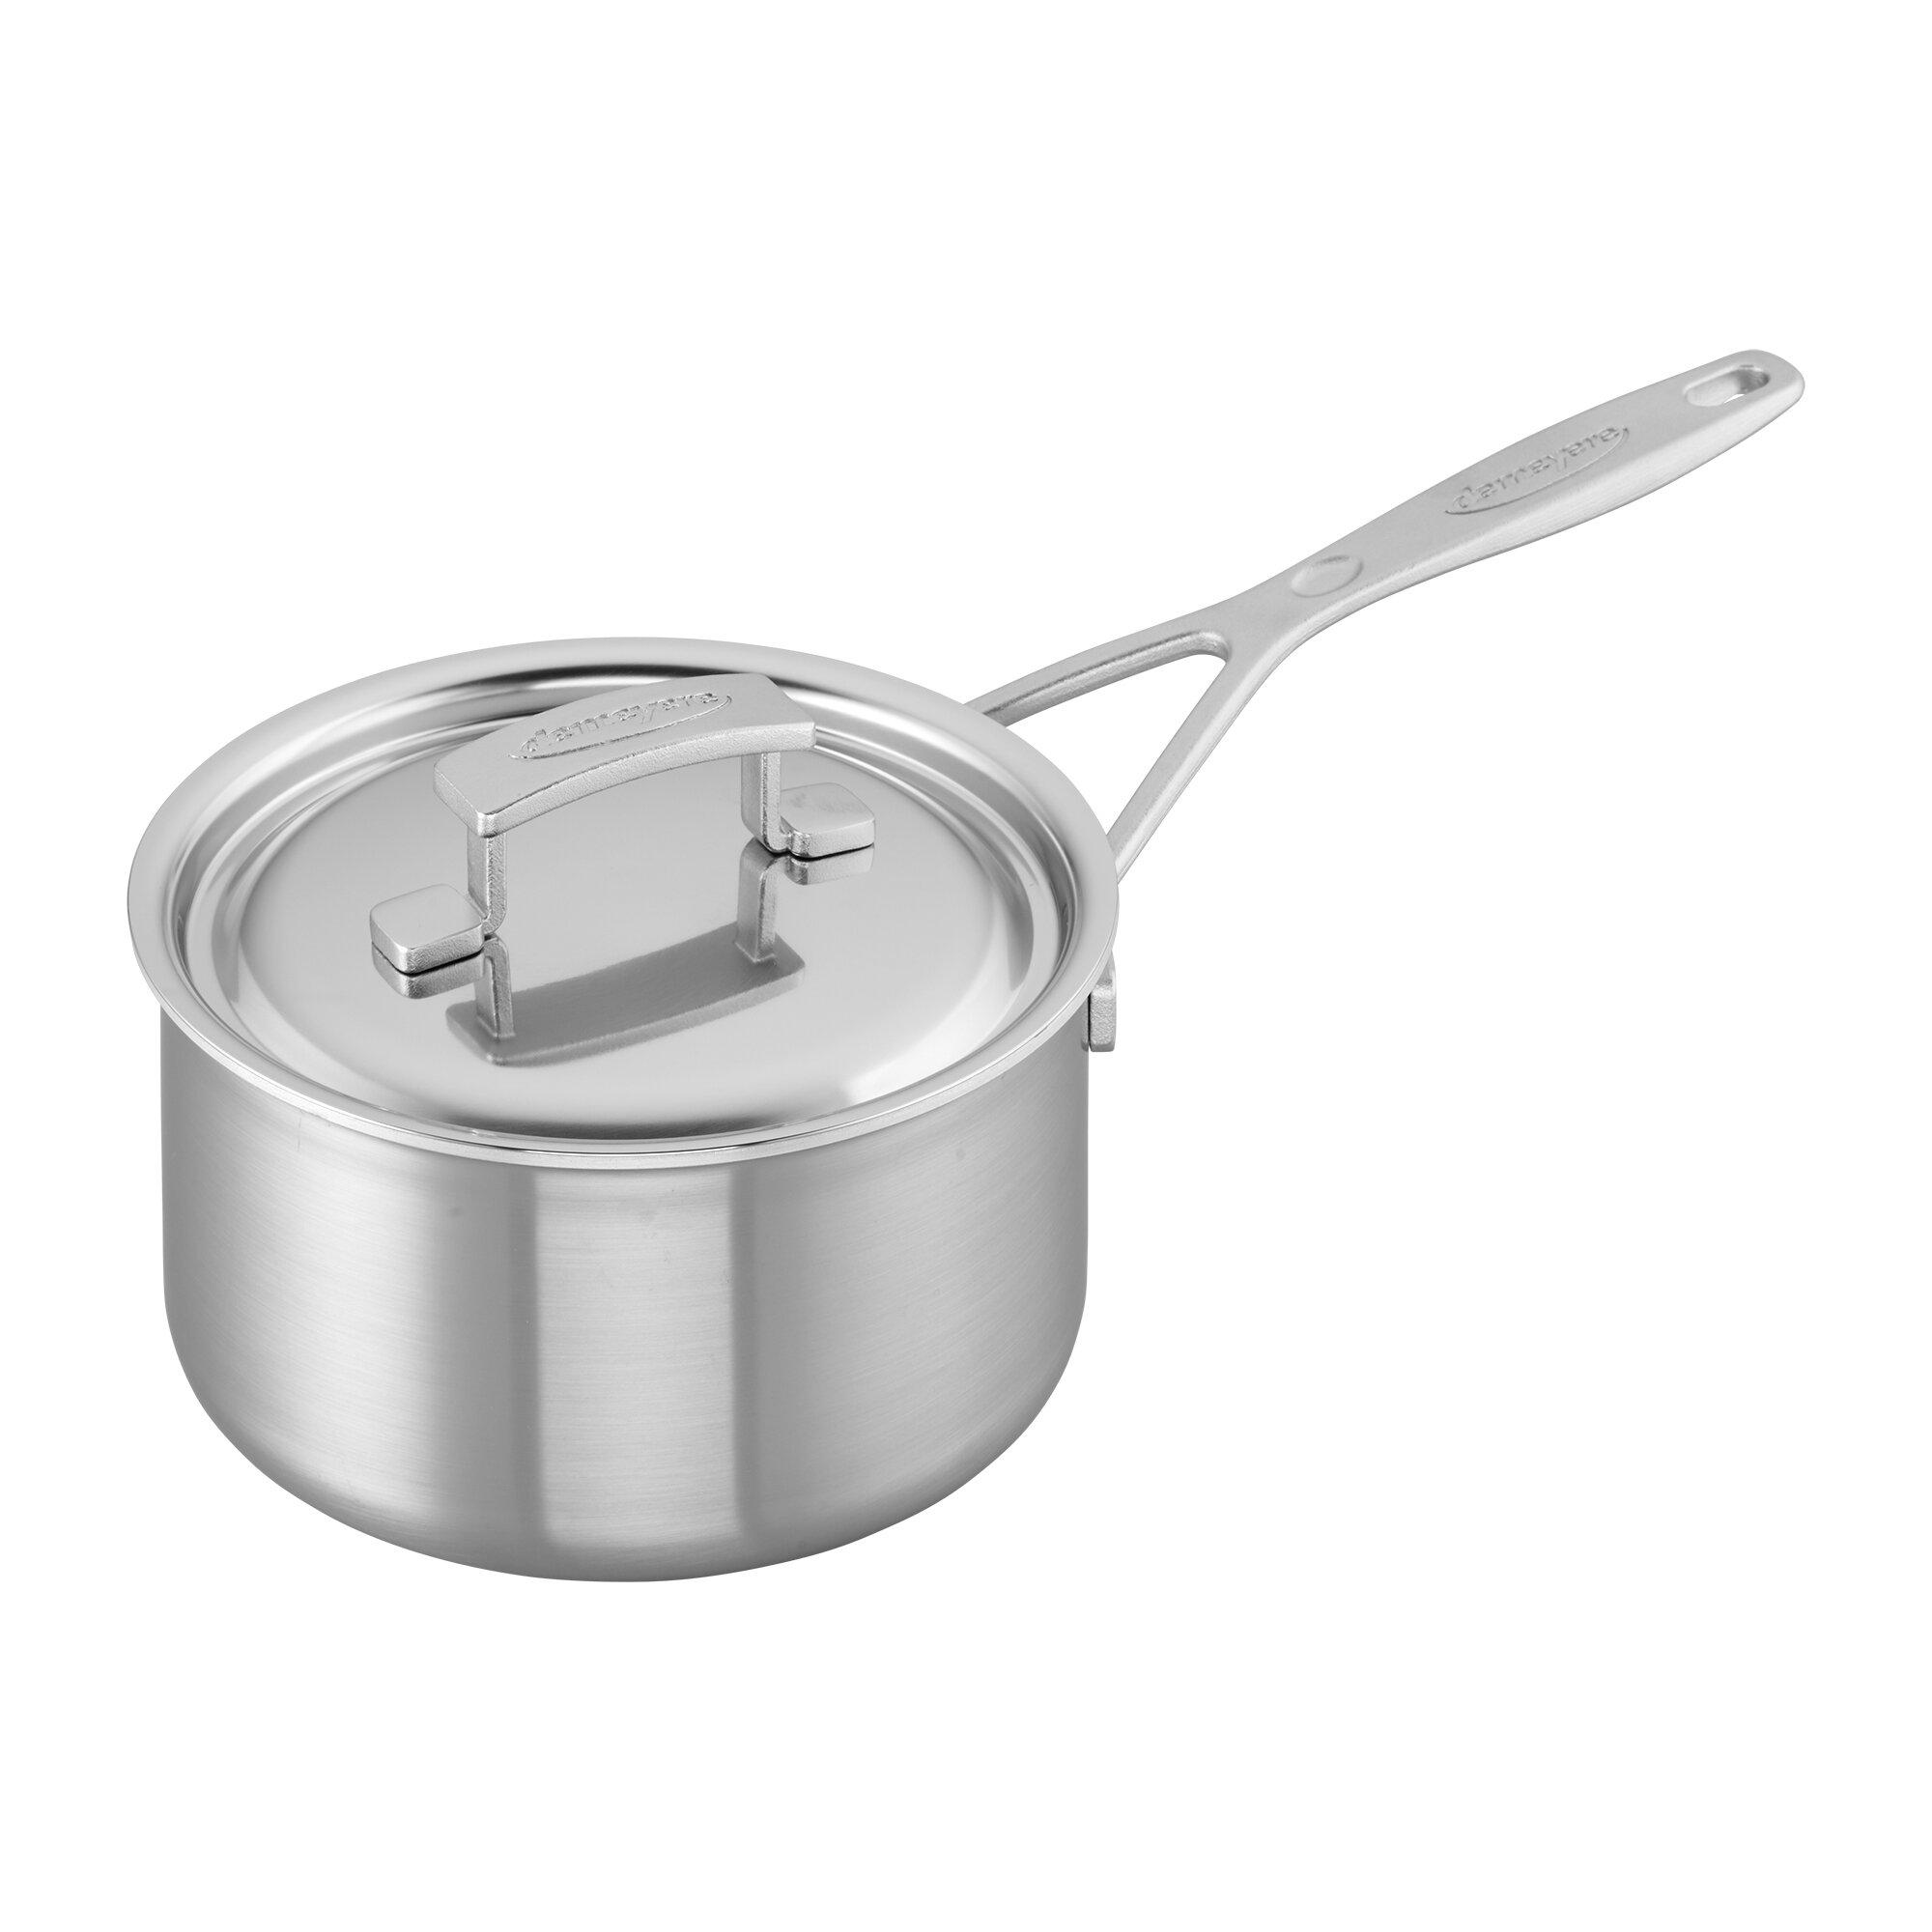 Pour Spout Sauce Pans You Ll Love In 2021 Wayfair